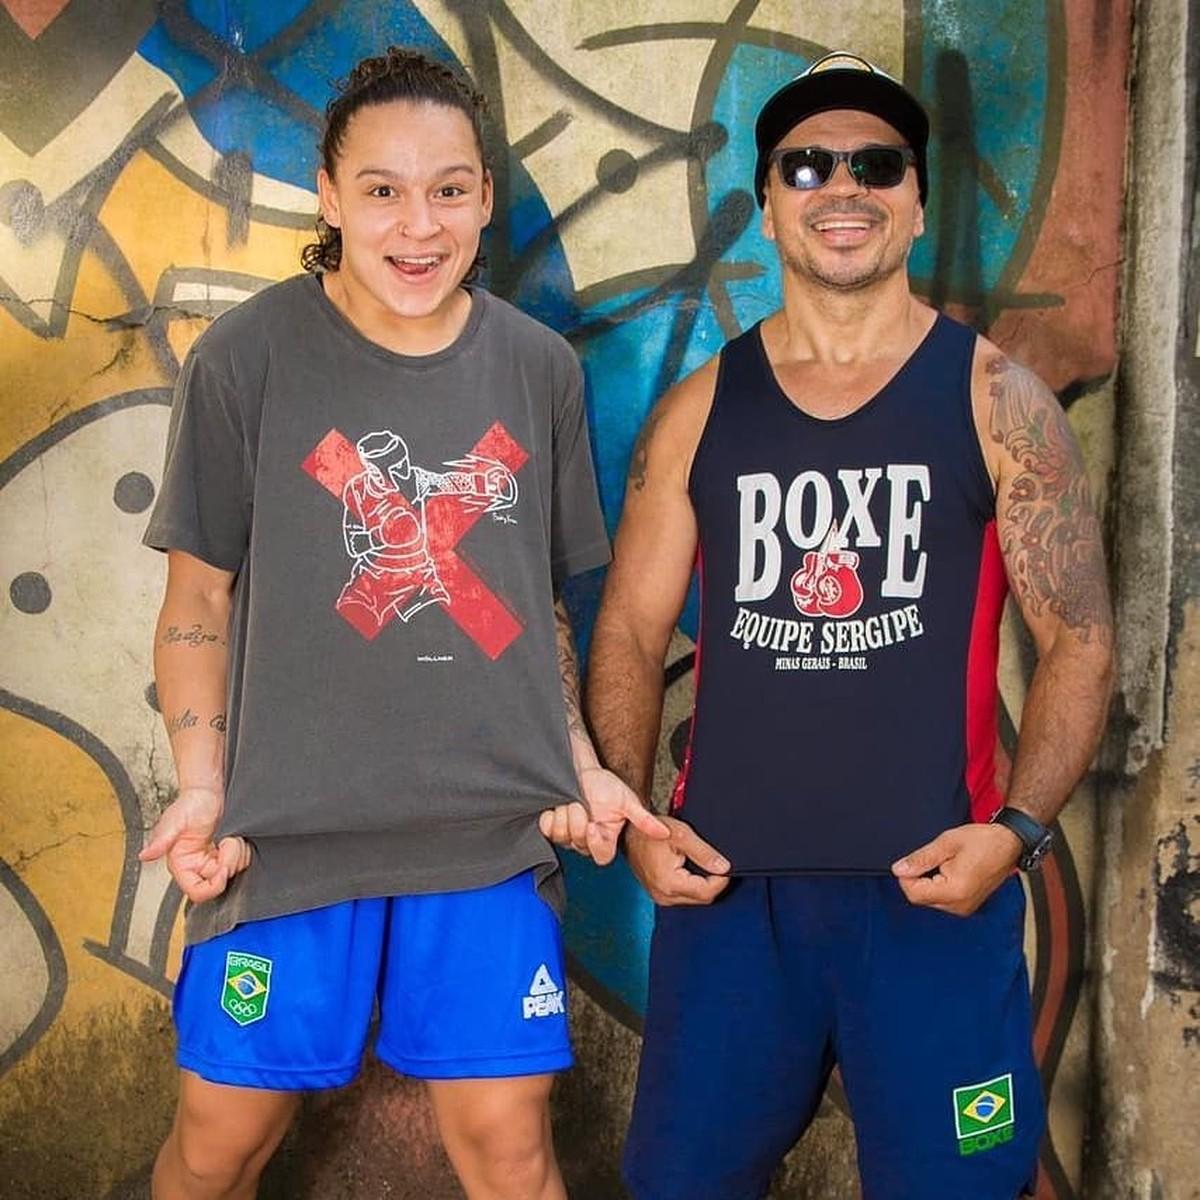 Pai da boxeadora Bia Ferreira fala sobre medalha garantida nas Olimpíadas: 'Pintou a de bronze, mas nosso objetivo é a dourada'